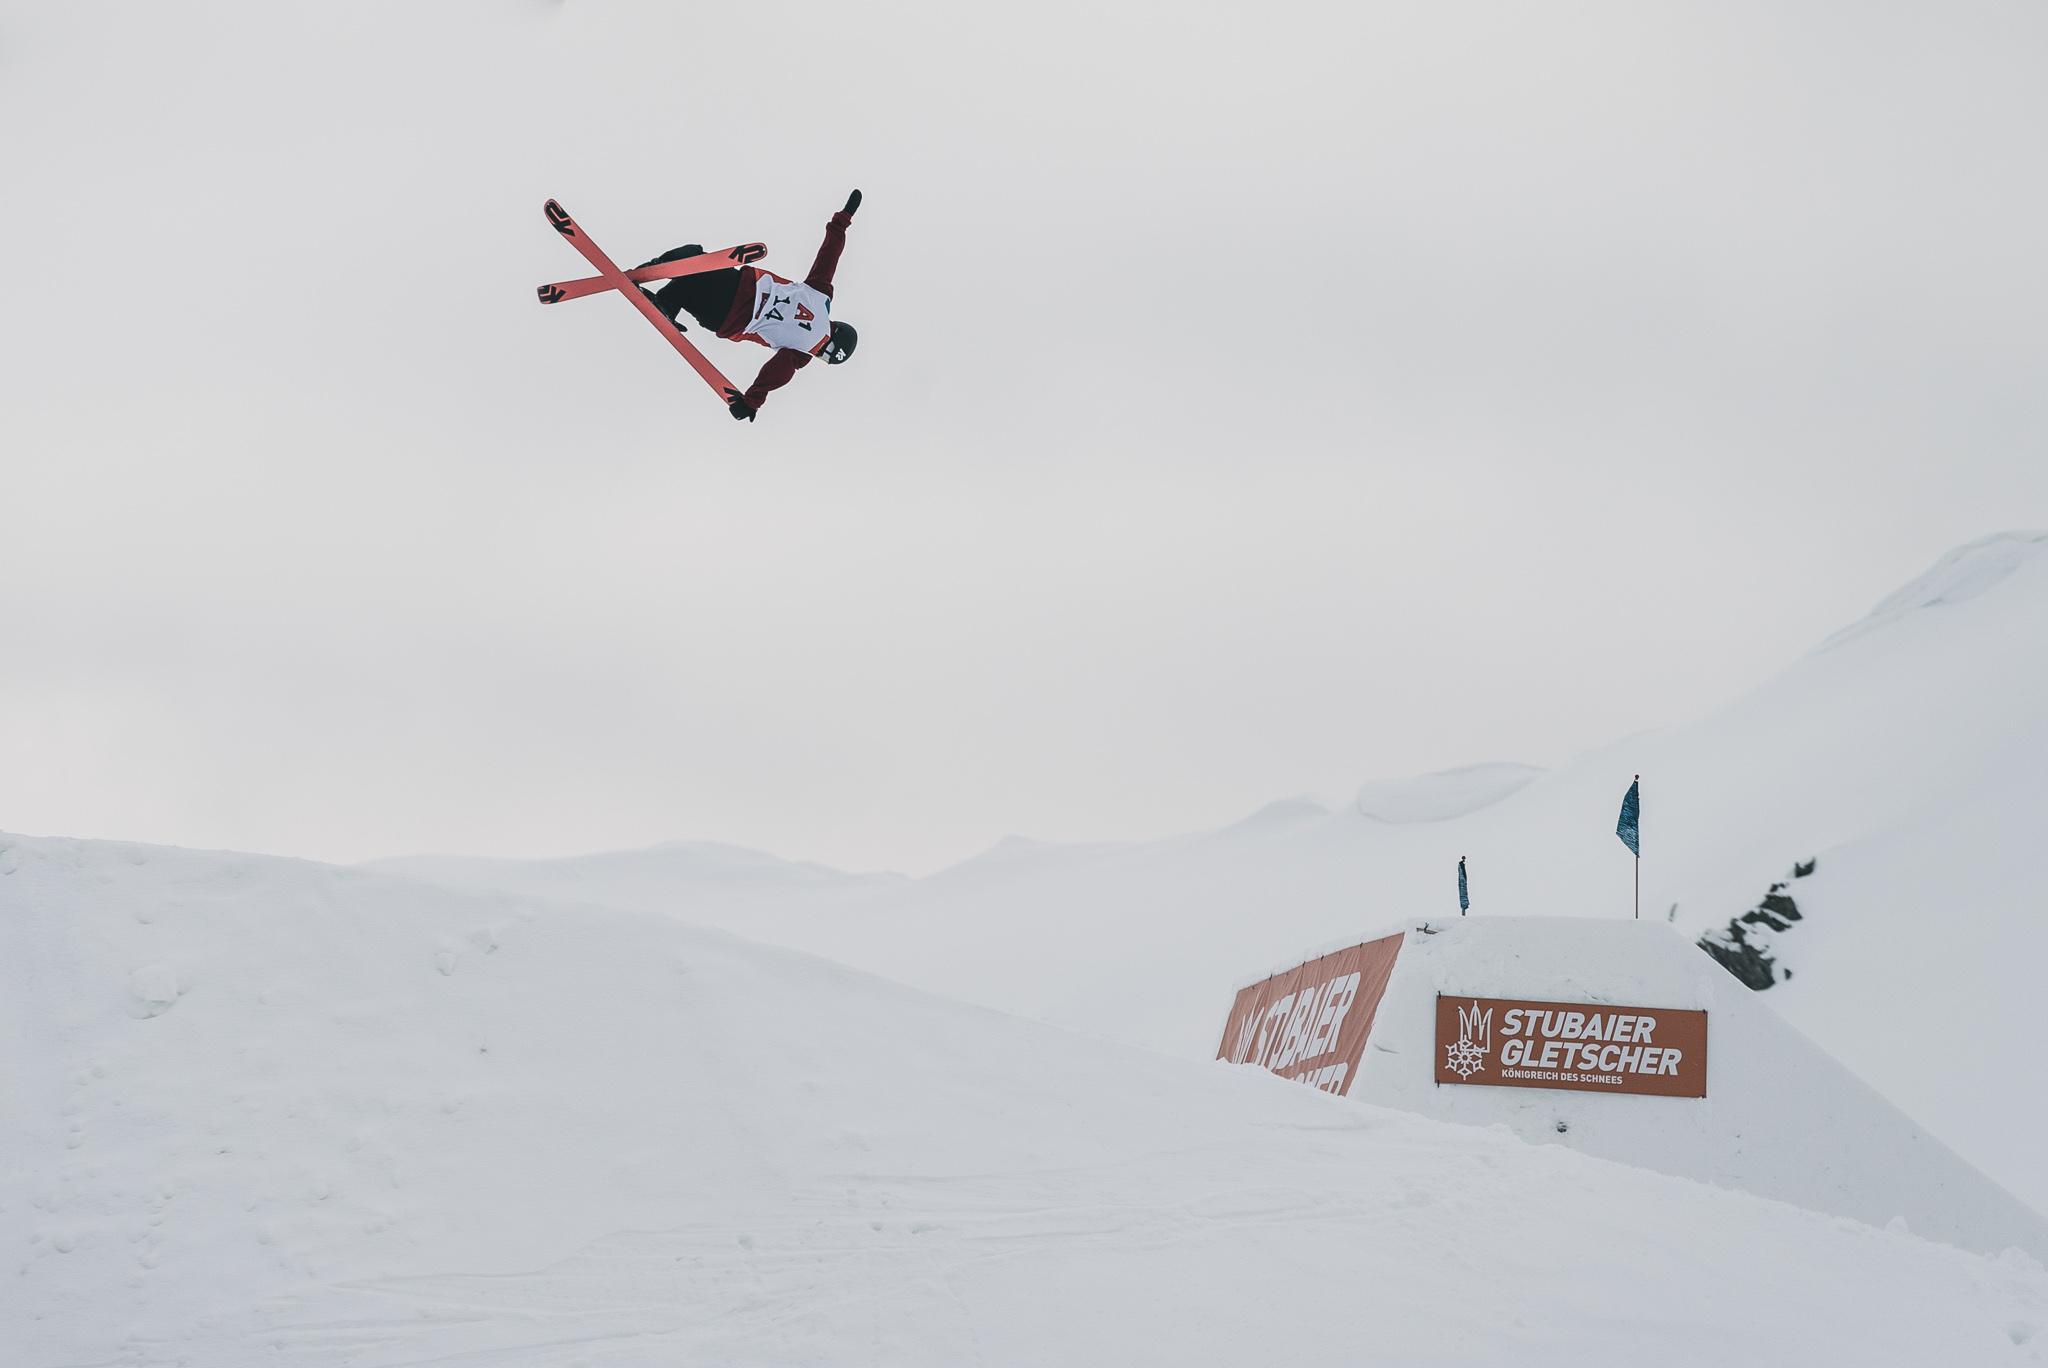 Kea Kühnel beim Freeski World Cup 2018 am Stubaier Gletscher - Foto: Jörg Angeli